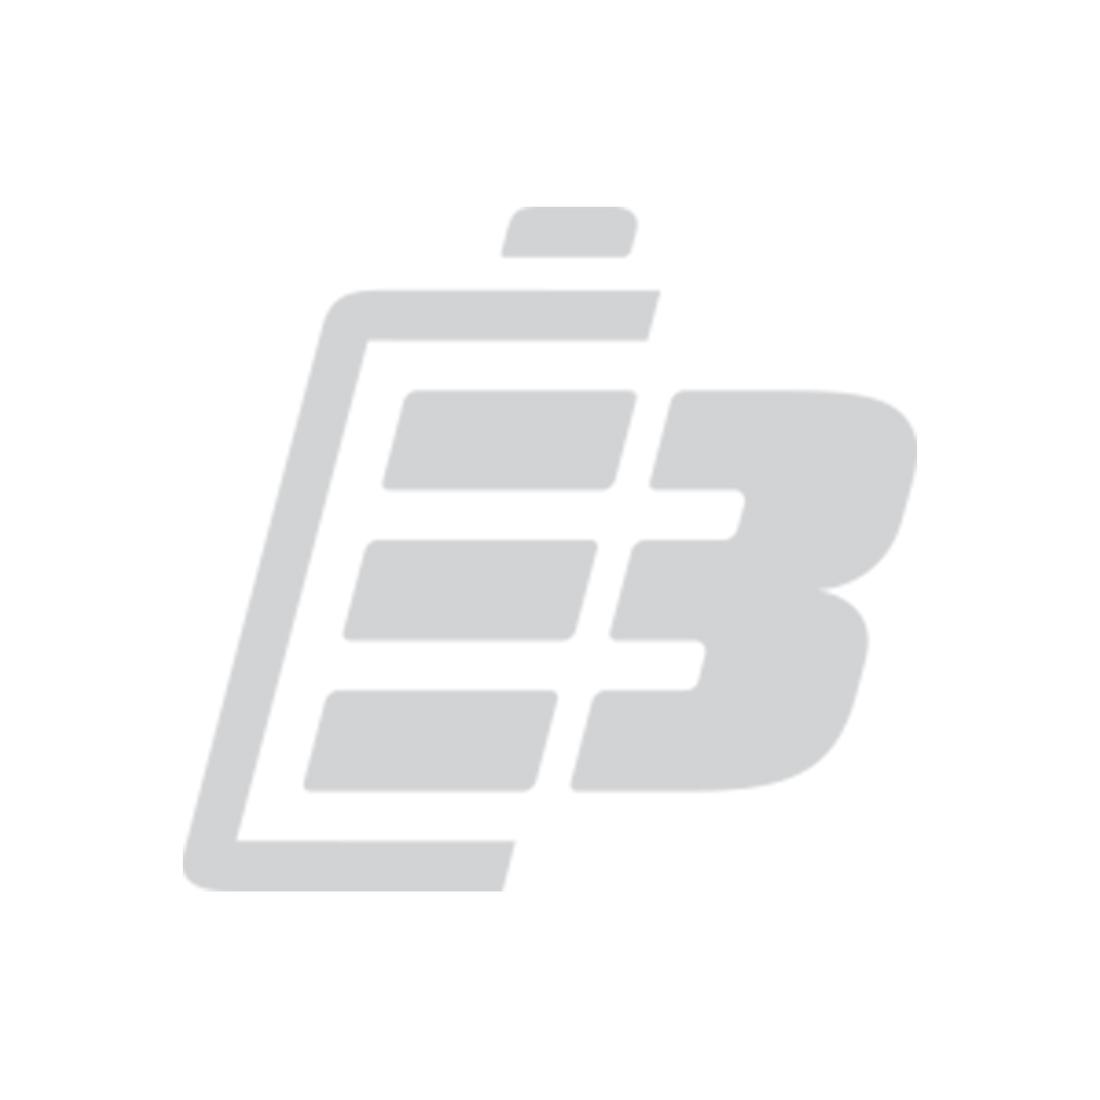 Laptop Battery Hp Pavilion 10 Touchsmart 2600mah Full Compatible